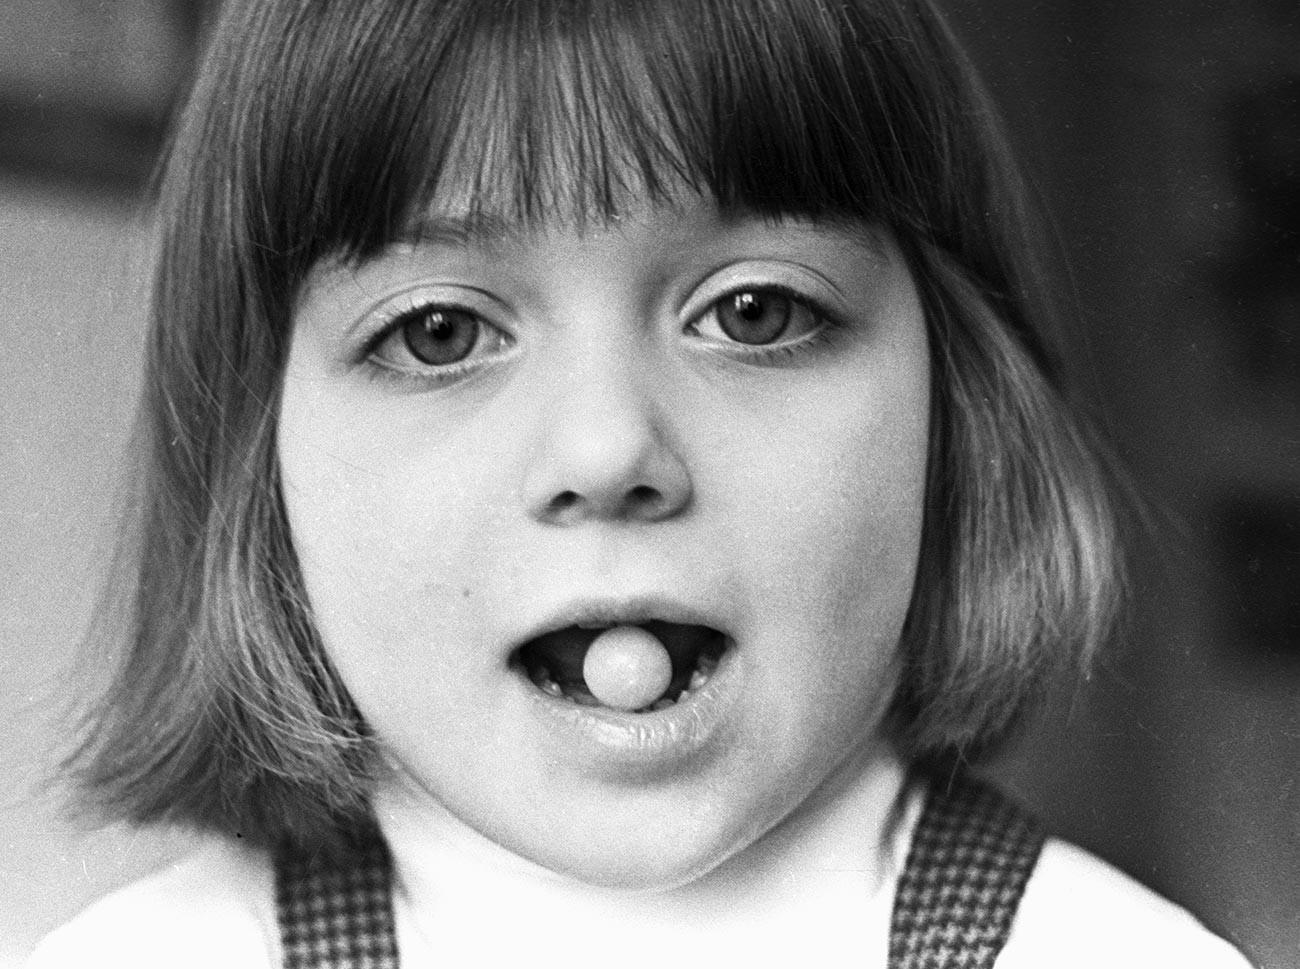 Seorang anak menunjukkan vaksin berbentuk permen di mulutnya di  Institut Poliomyelitis dan Viral Encephalitides.